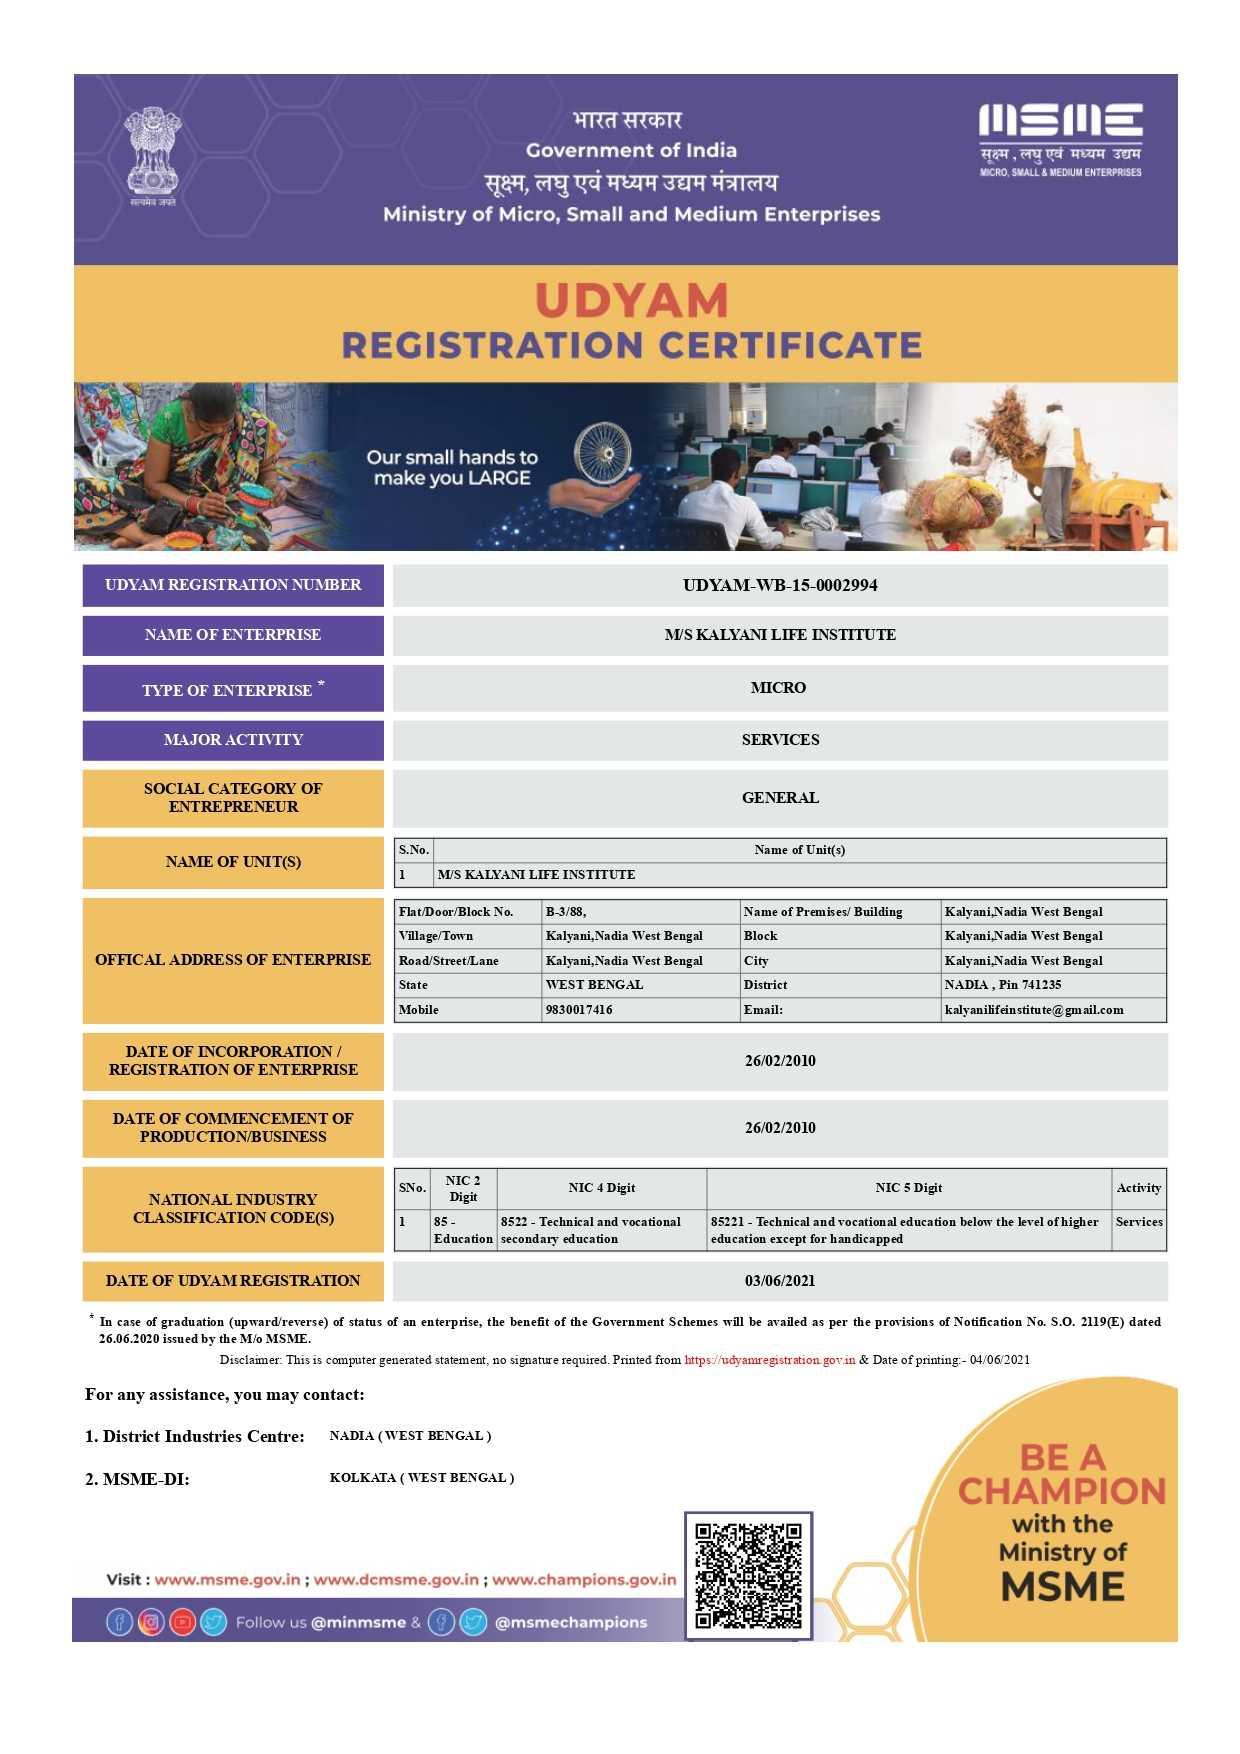 MSME/Udyog Aadhaar registration of Kalyani Life Institute